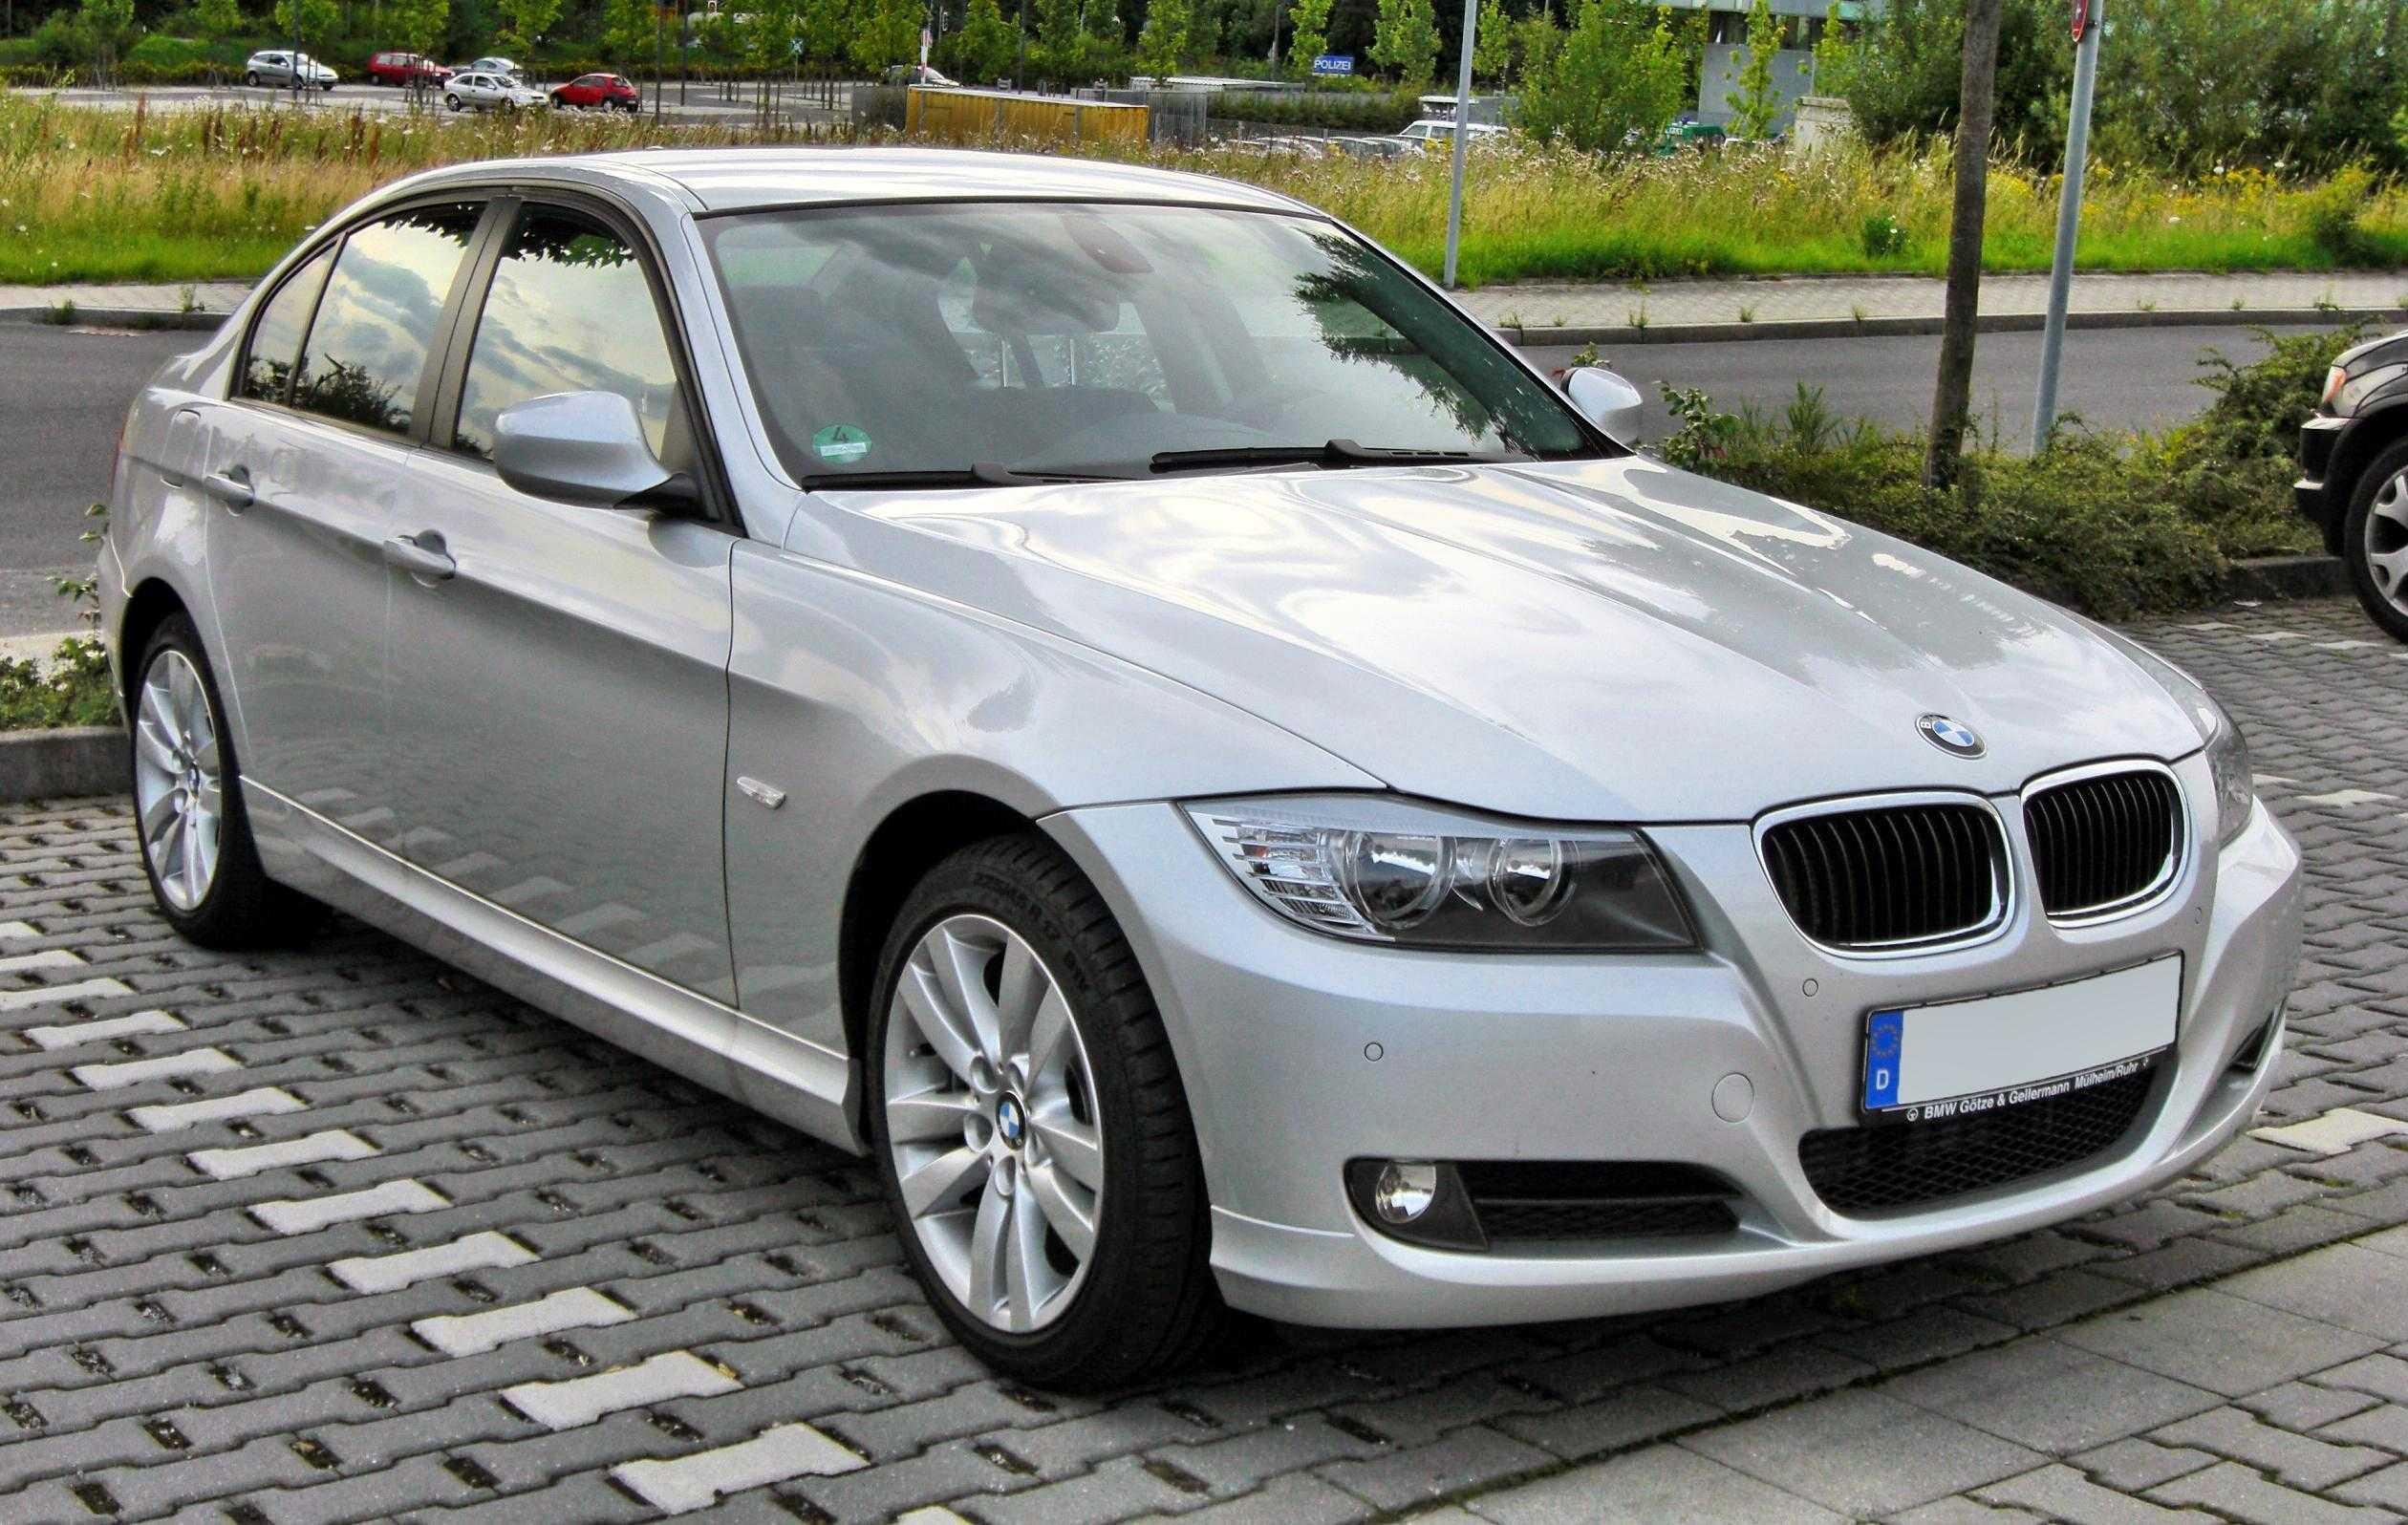 Какой антифриз заливать в BMW 5-Series. Сколько литров